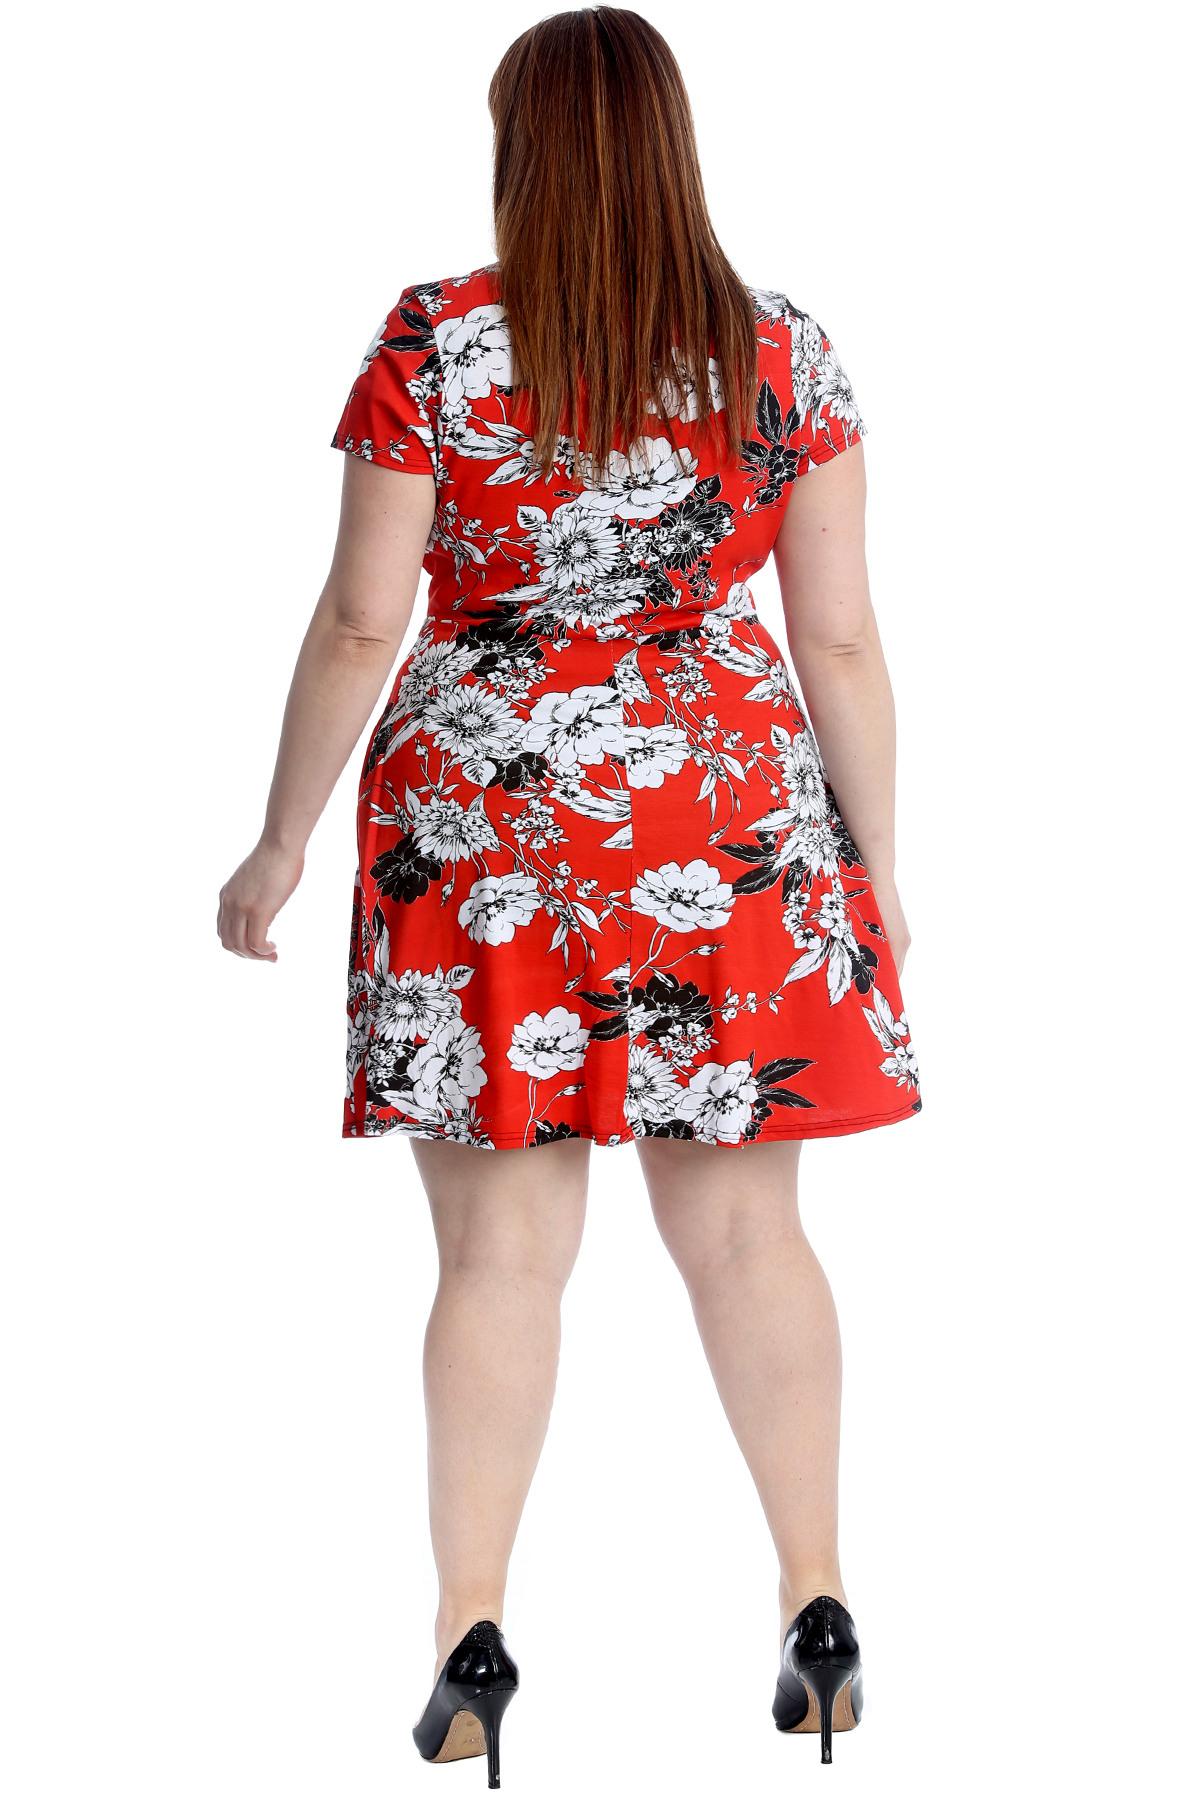 Neue Frauen Übergröße Kleid Damen Blumen Übergkreuz Tunika